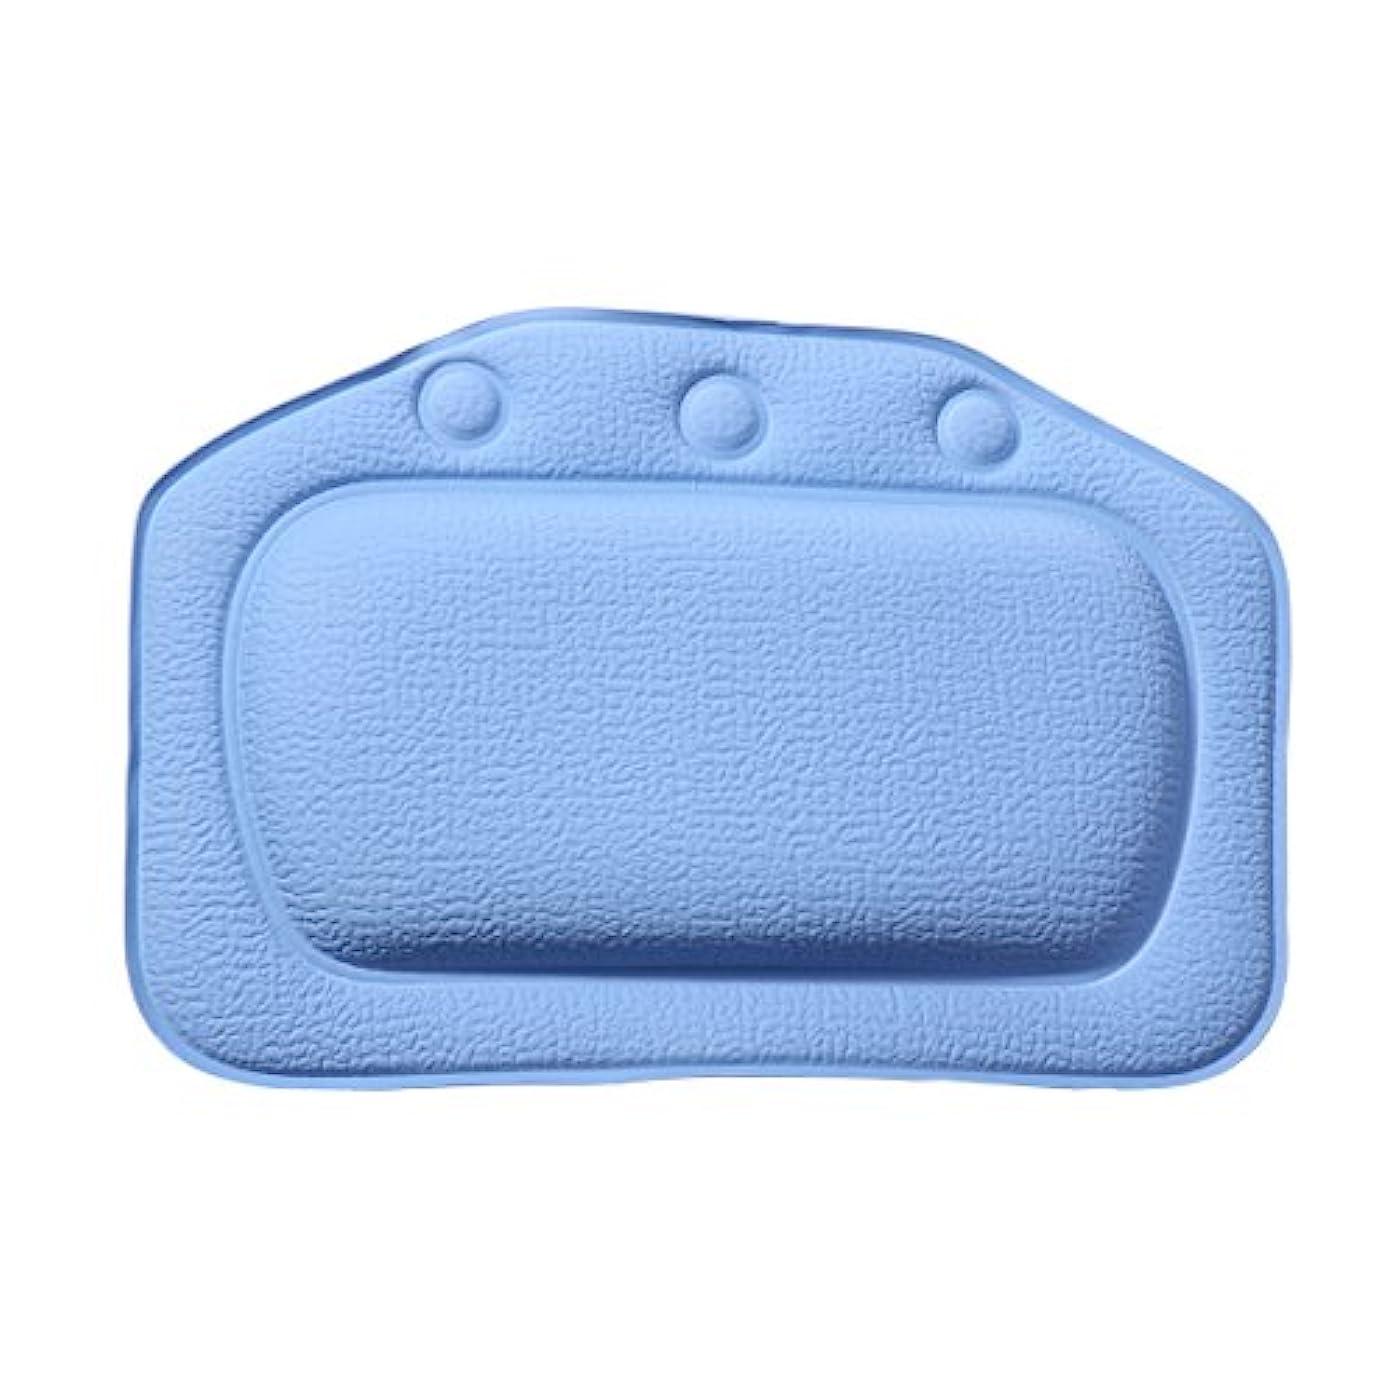 チャーター簡単に仕方ROSENICE お風呂まくら バスピロー 3つ吸盤 超强吸着 滑り止め PVC バスタブ 浴槽枕 枕 安眠 人気 肩こり 熟睡 浴用品 グッズ 横向き枕 防水(ダークブルー)